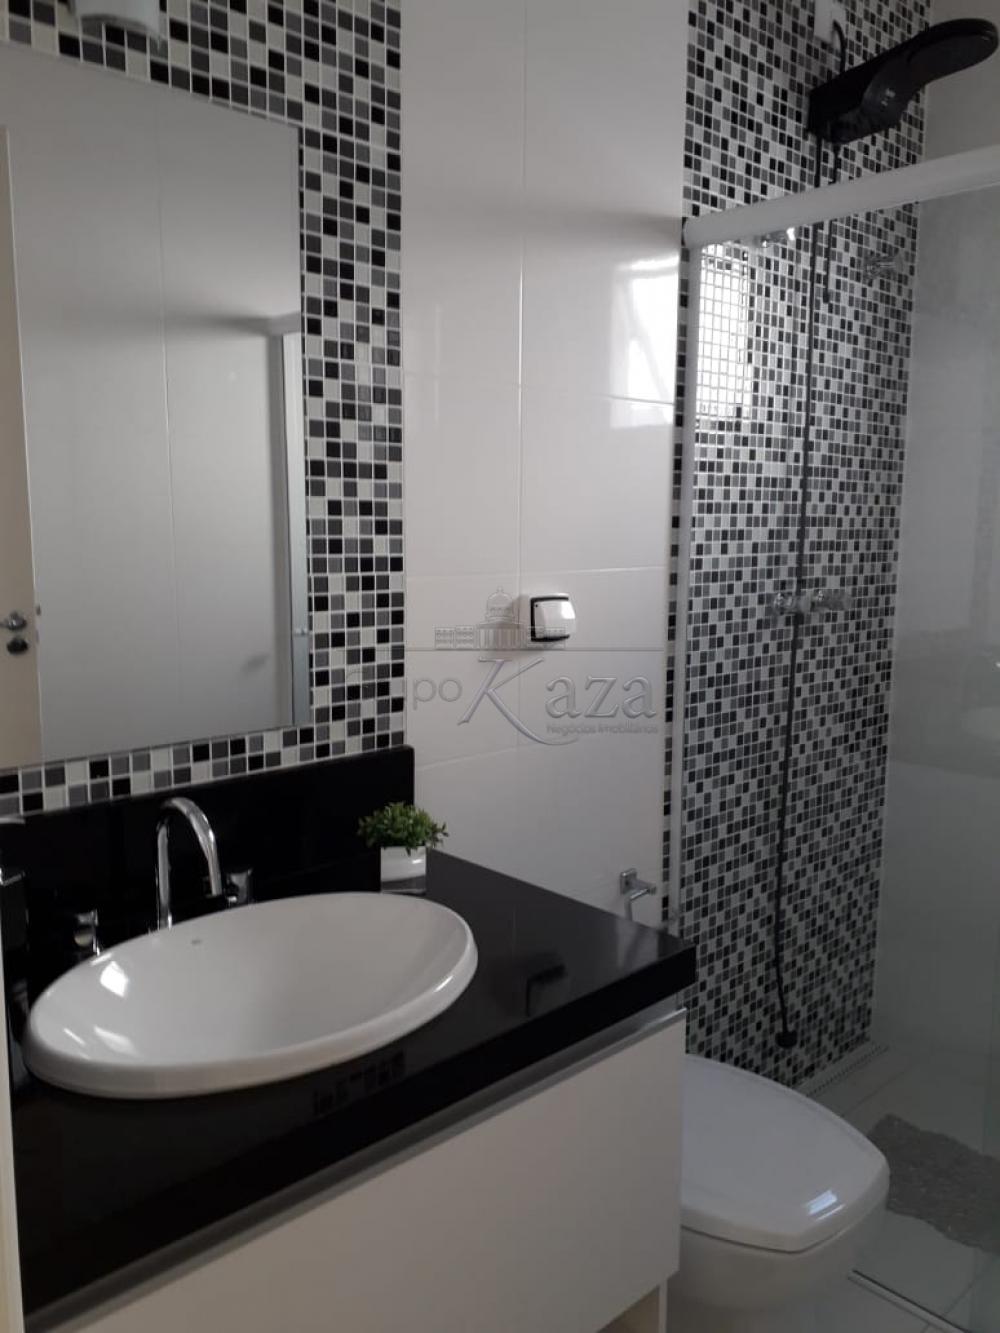 Comprar Casa / Condomínio em São José dos Campos apenas R$ 960.000,00 - Foto 21